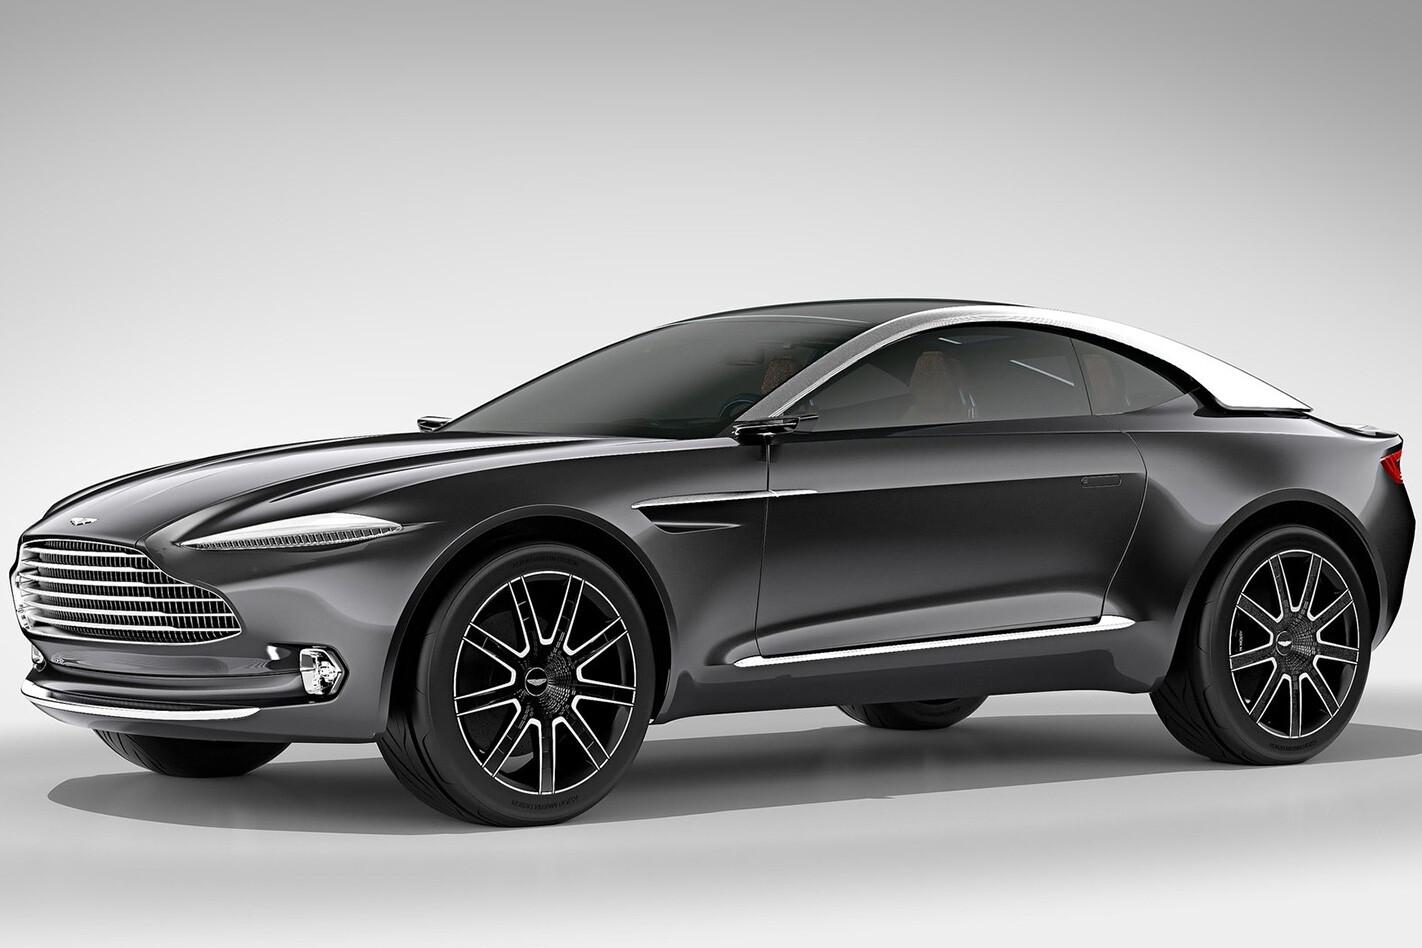 Aston Dbx Jpg